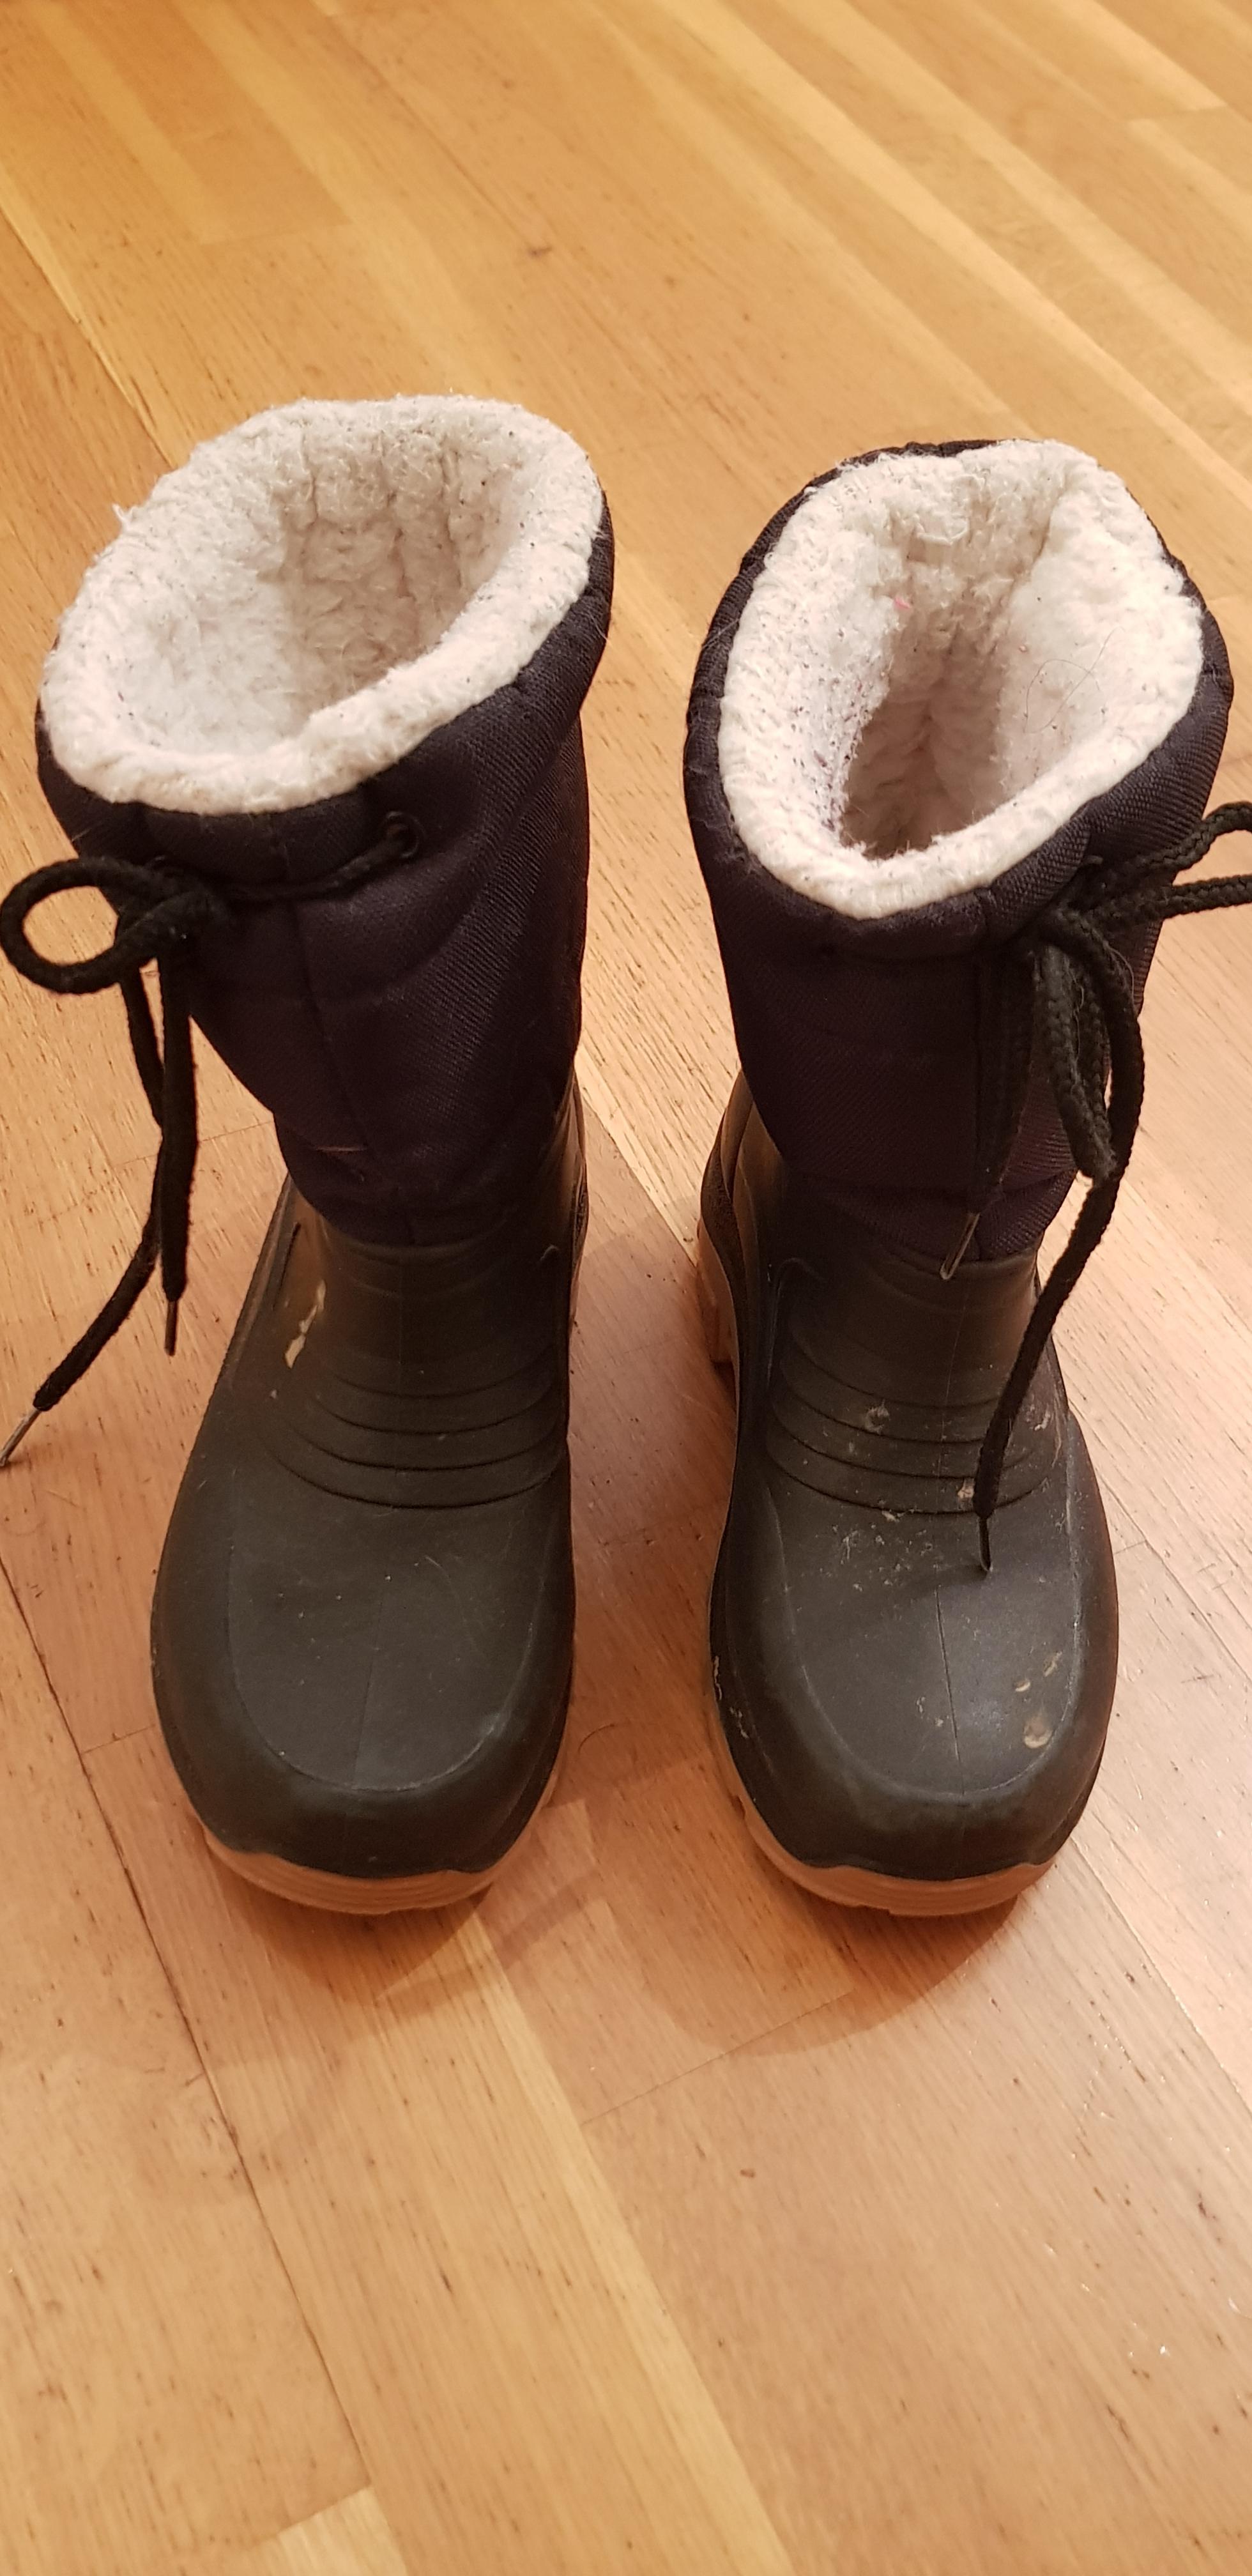 troc de troc bottes de neige taille 31 image 0